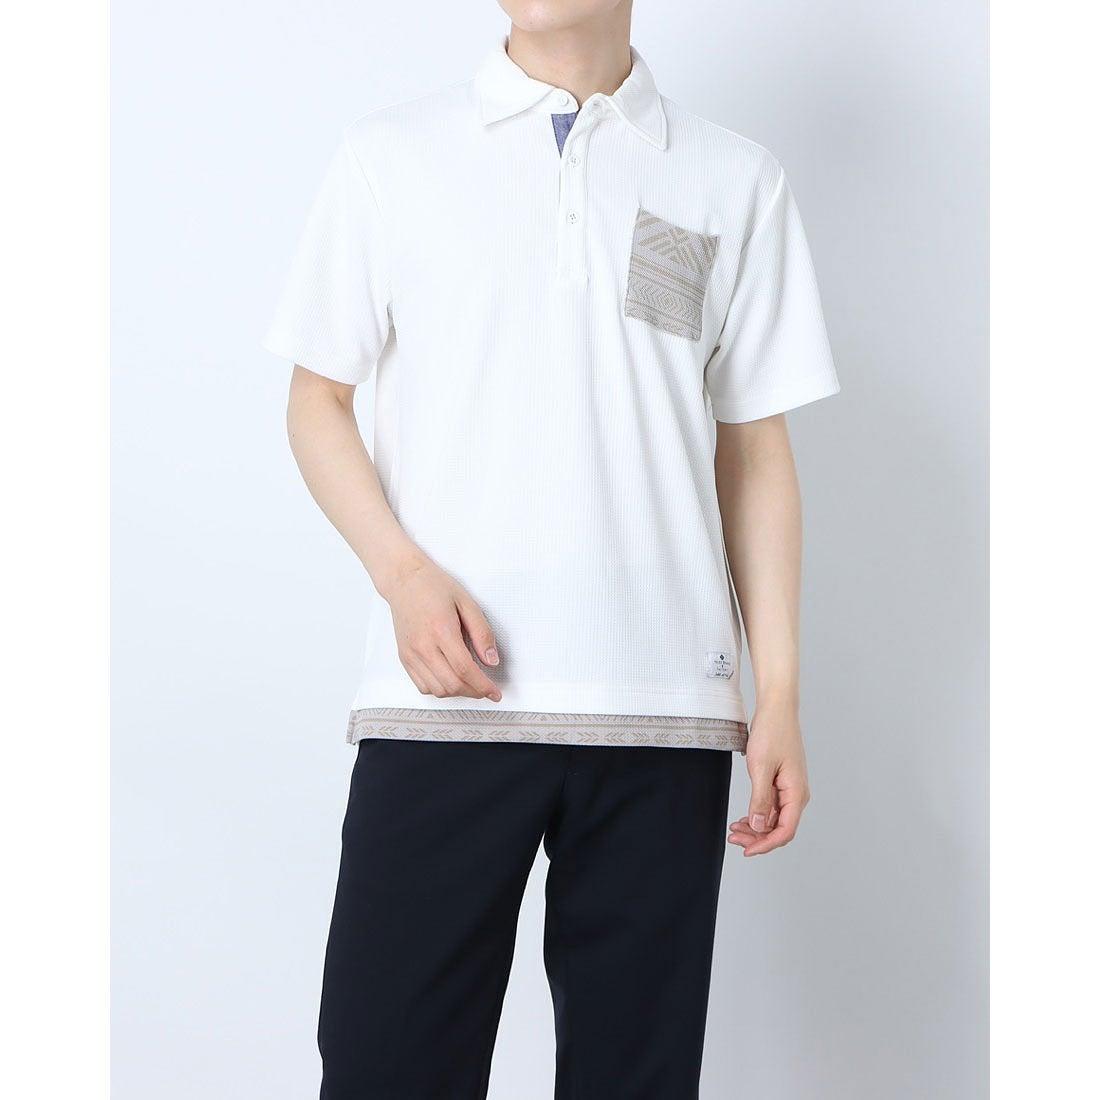 ロコンド 靴とファッションの通販サイトスタイルブロック STYLEBLOCK フクレジャガードフェイクレイヤードポロシャツ (オフホワイト)